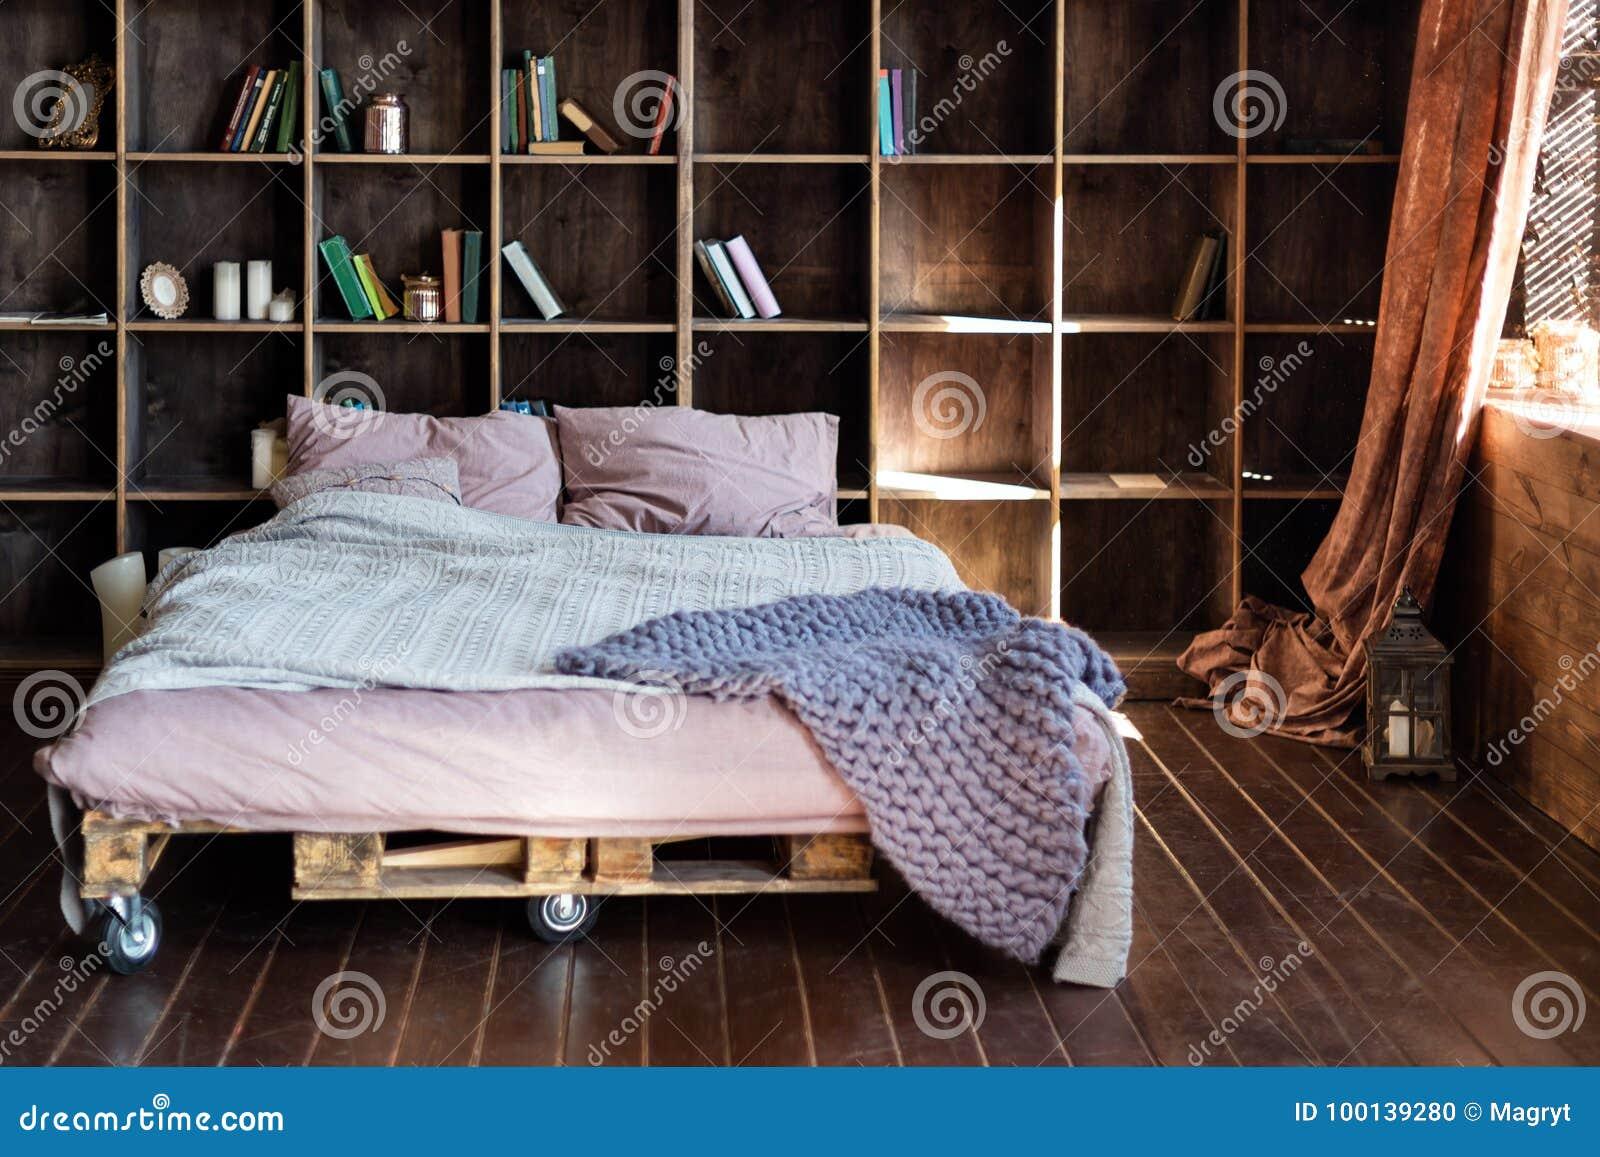 Современная спальня в просторной квартире Городская квартира с кроватью паллета, скандинавским дизайном eco